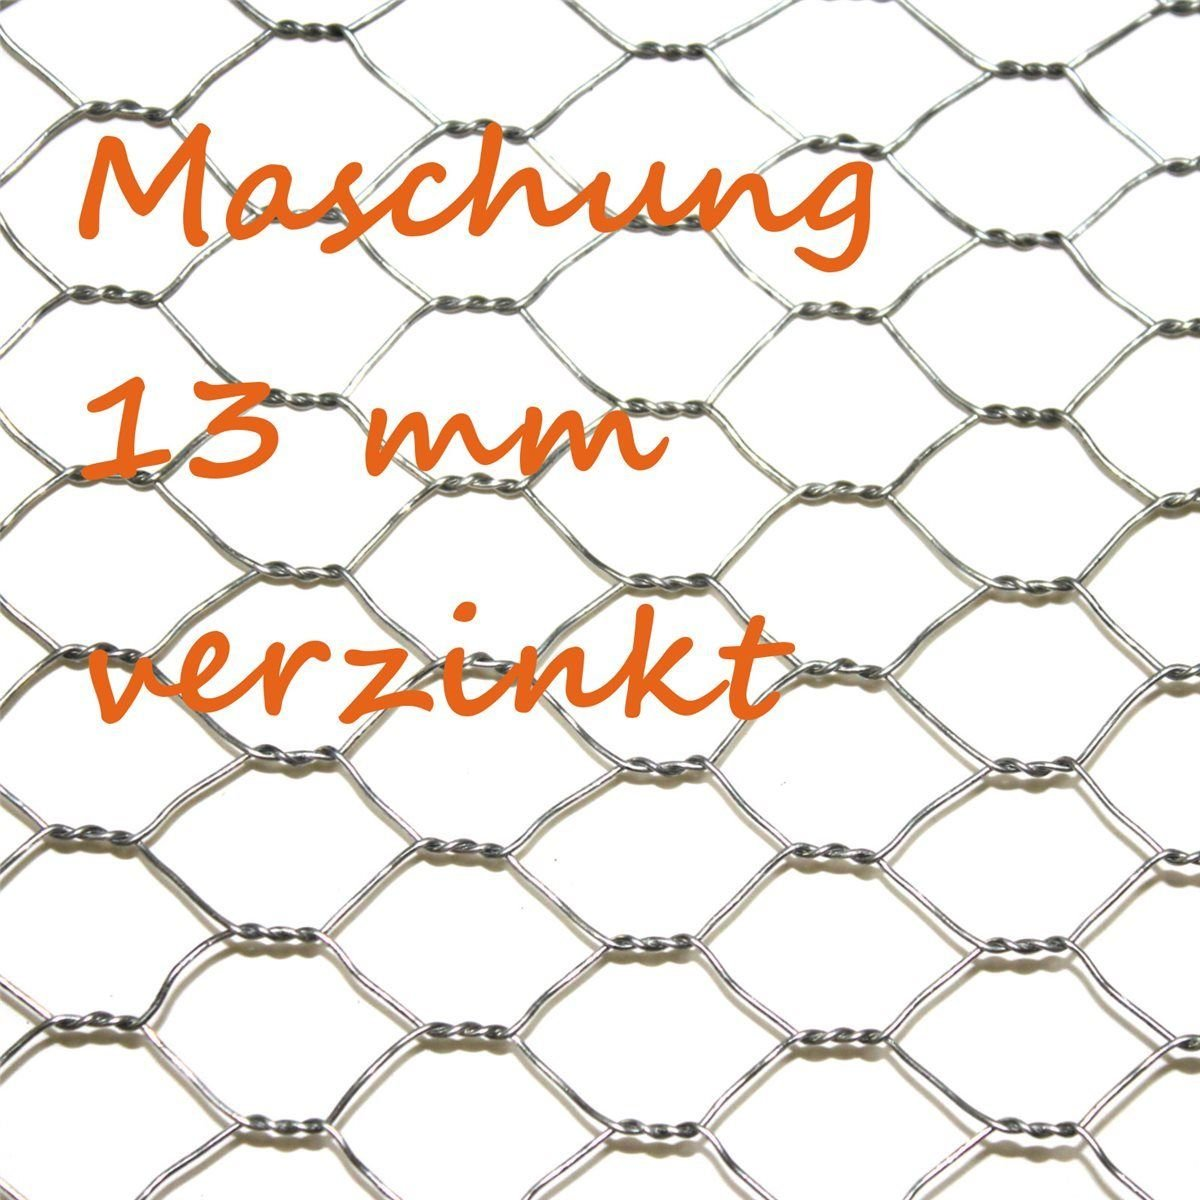 Sechseckgeflecht 1m x 25m + kostenloser Versand /// Kaninchendraht ...